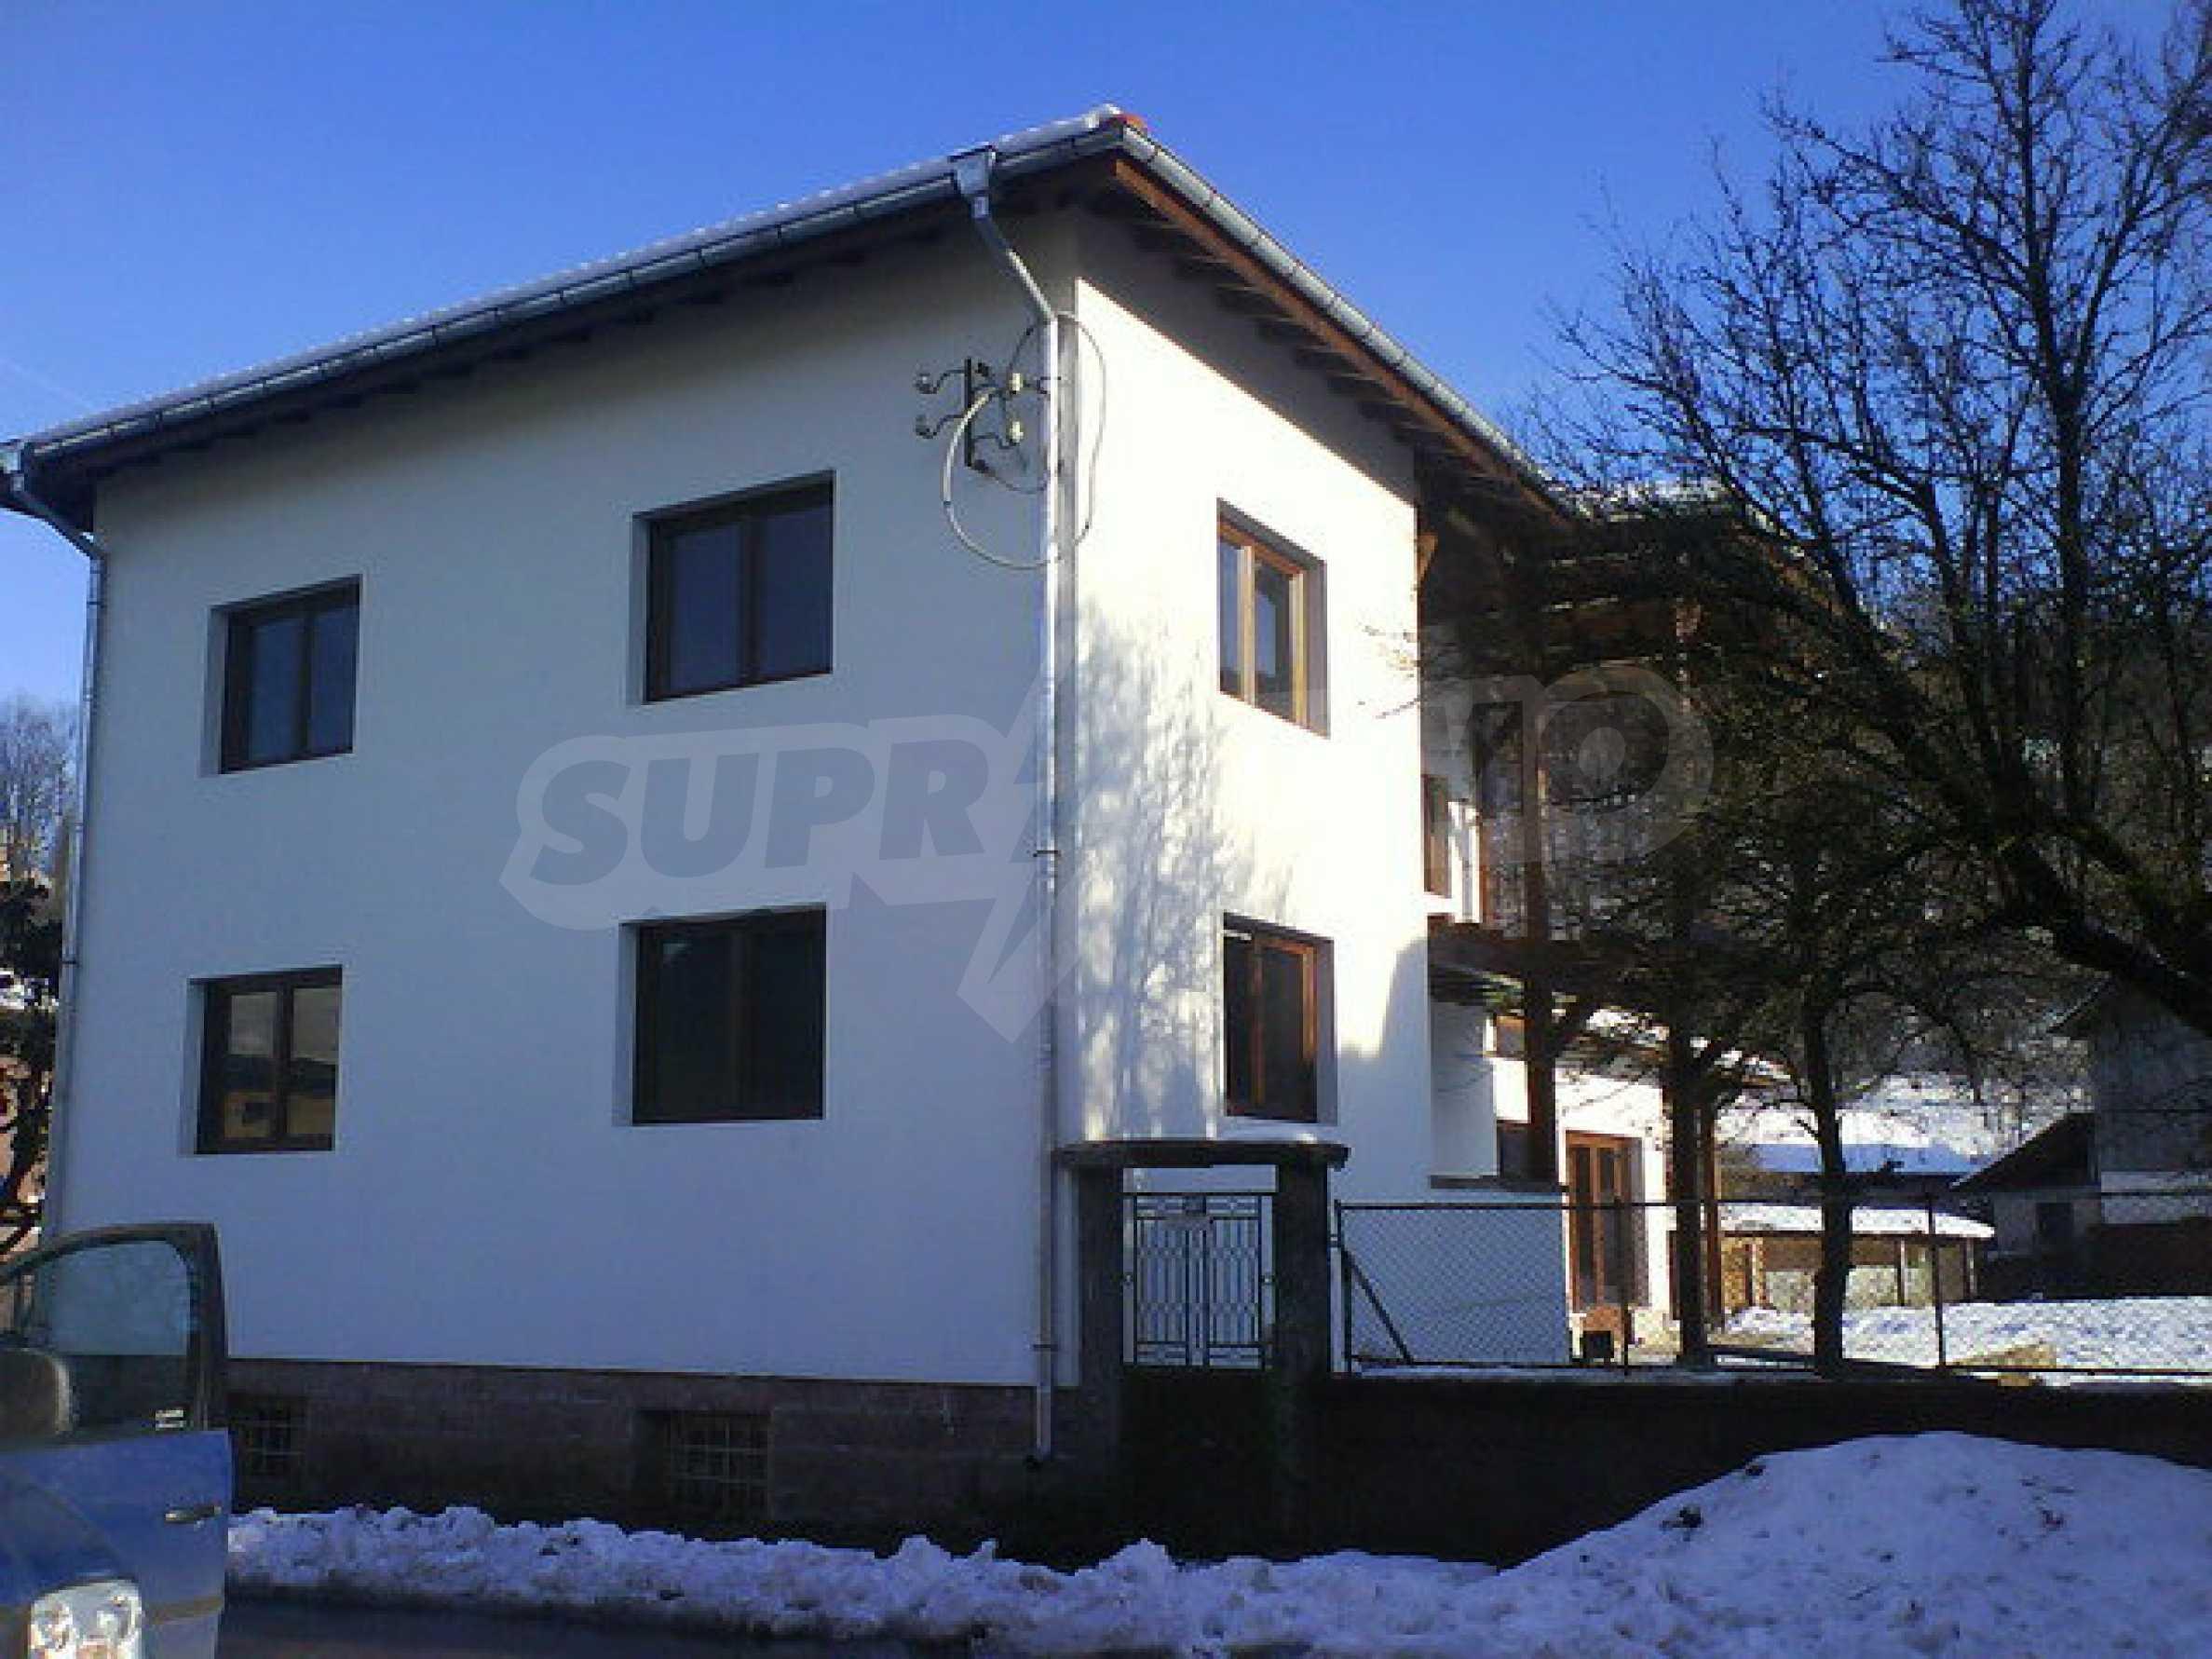 Zweistöckiges Haus mit Hof in einem Dorf in der Nähe von Sopot Damm 2